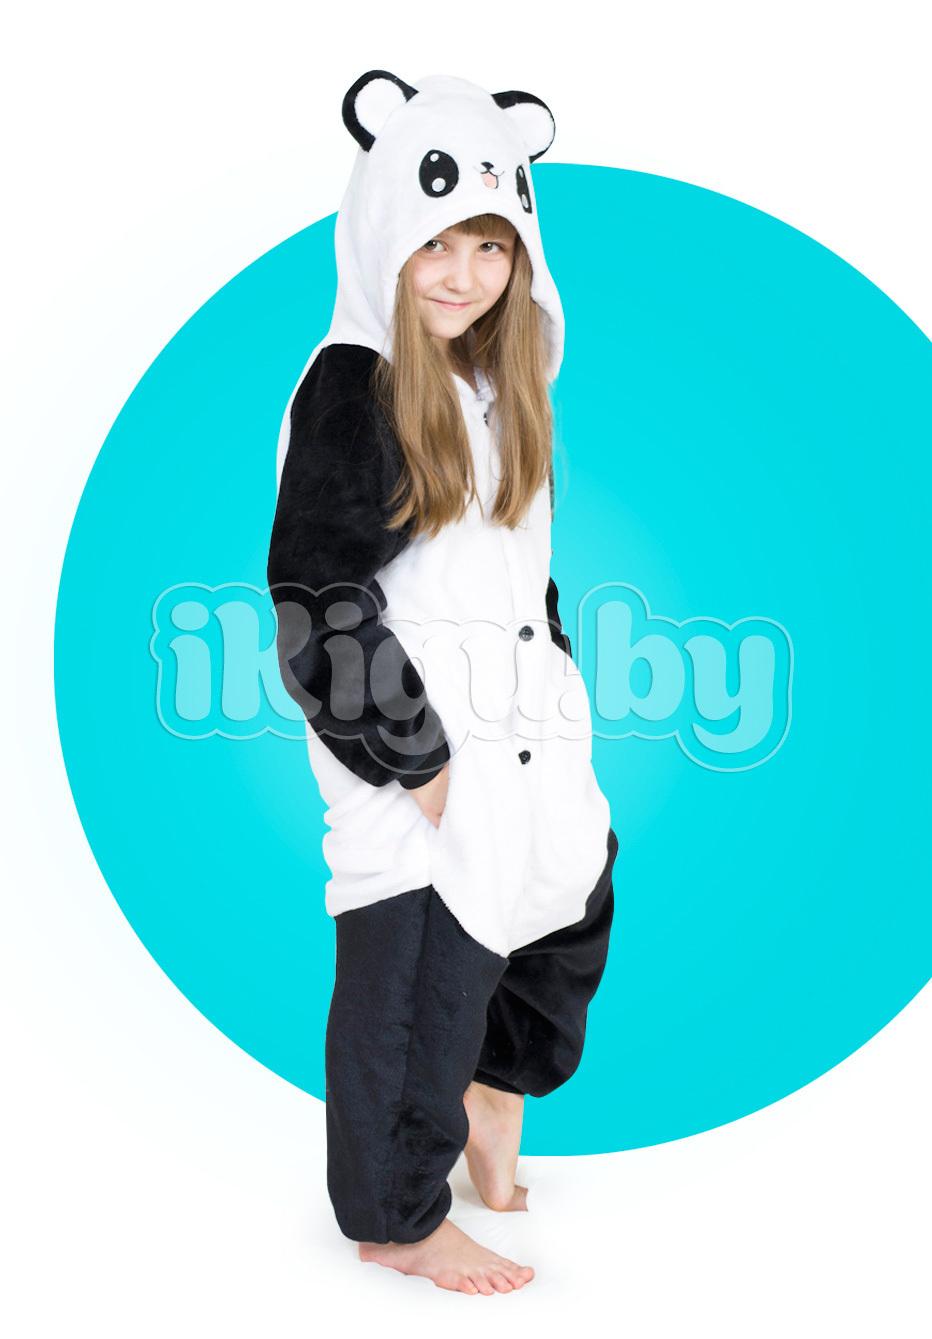 """Детские пижамы кигуруми """"Веселая Панда"""" детки_пандочка1_IGP824320190130-14478-vnx5w7.jpg"""